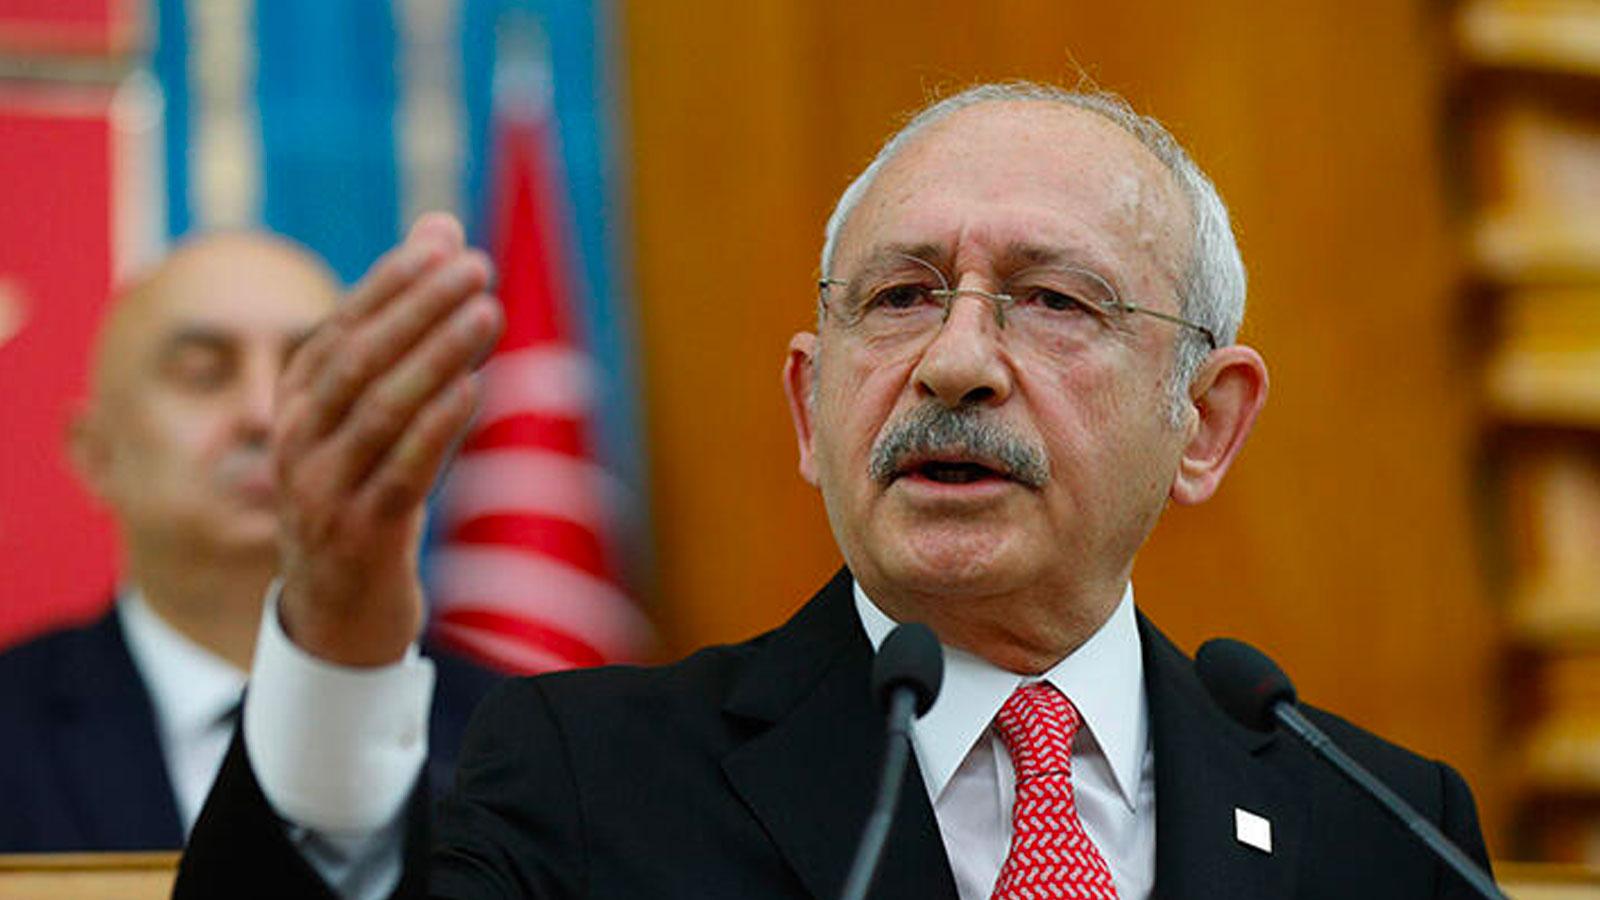 Kılıçdaroğlu: Gırtlağına kadar lağım kuyusuna batmış kişi memleketi mi kurtaracak?